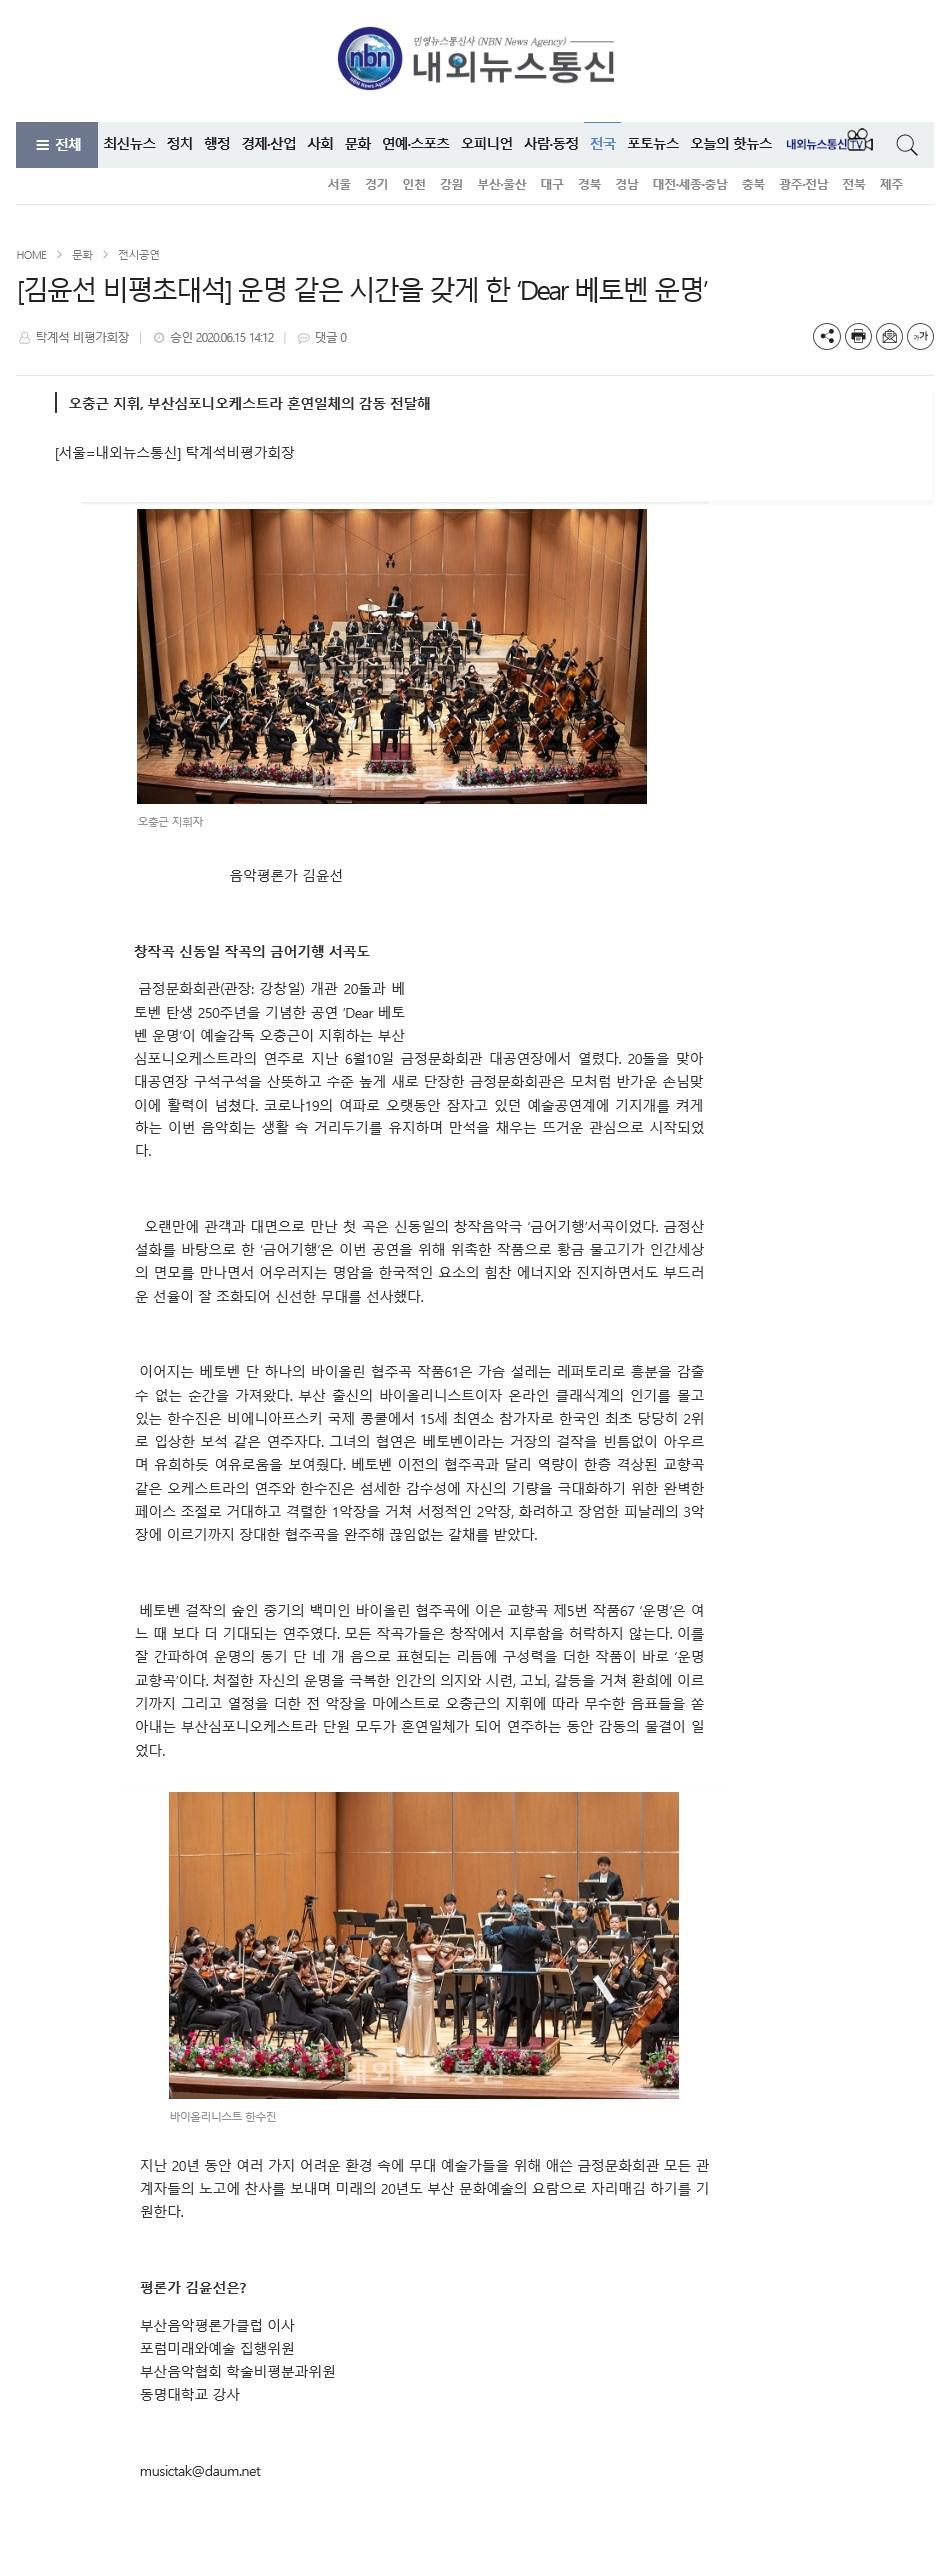 내외뉴스통신.jpg